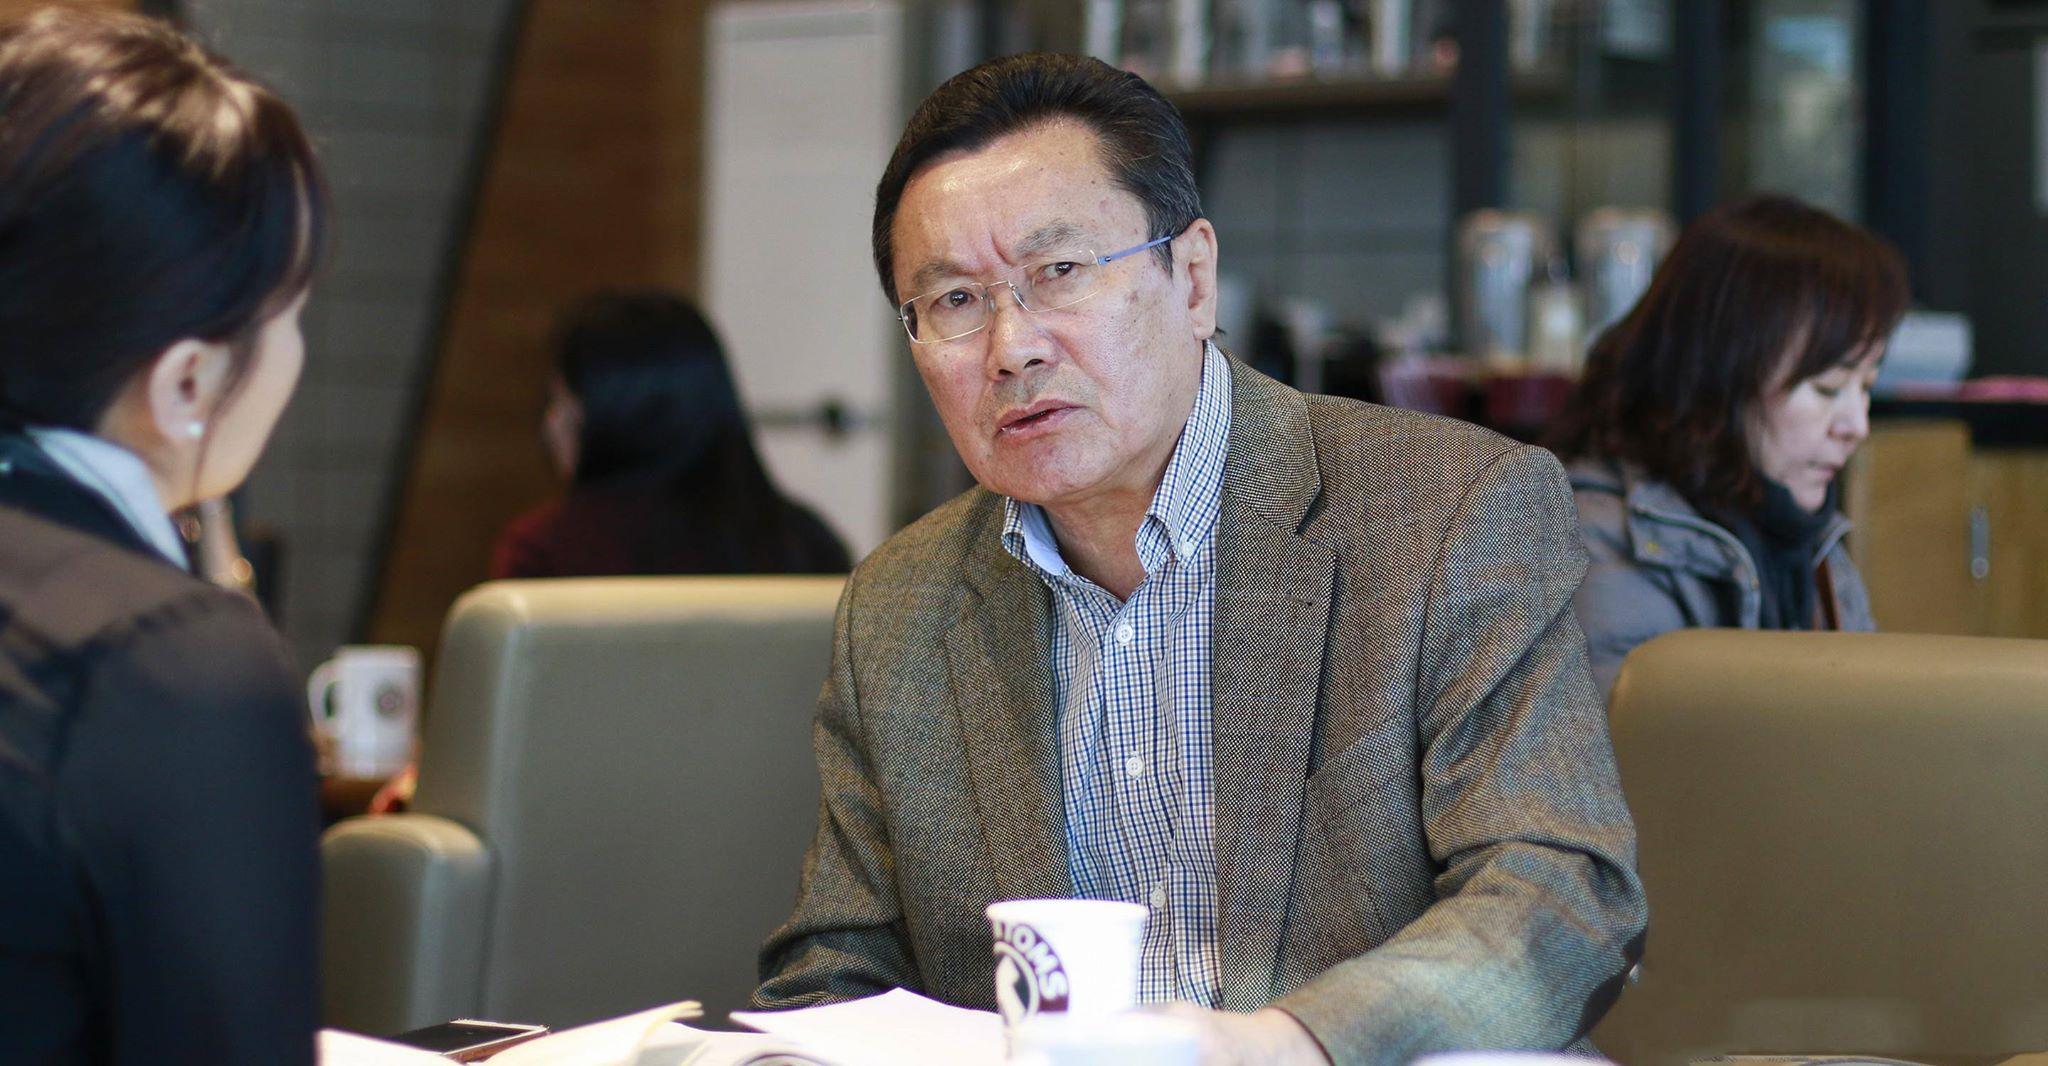 Л.Эрдэнэчулуун: Монгол Улс ШХАБ-д элсэхгүйгээр хөгжих тухай ярих ч хэрэггүй